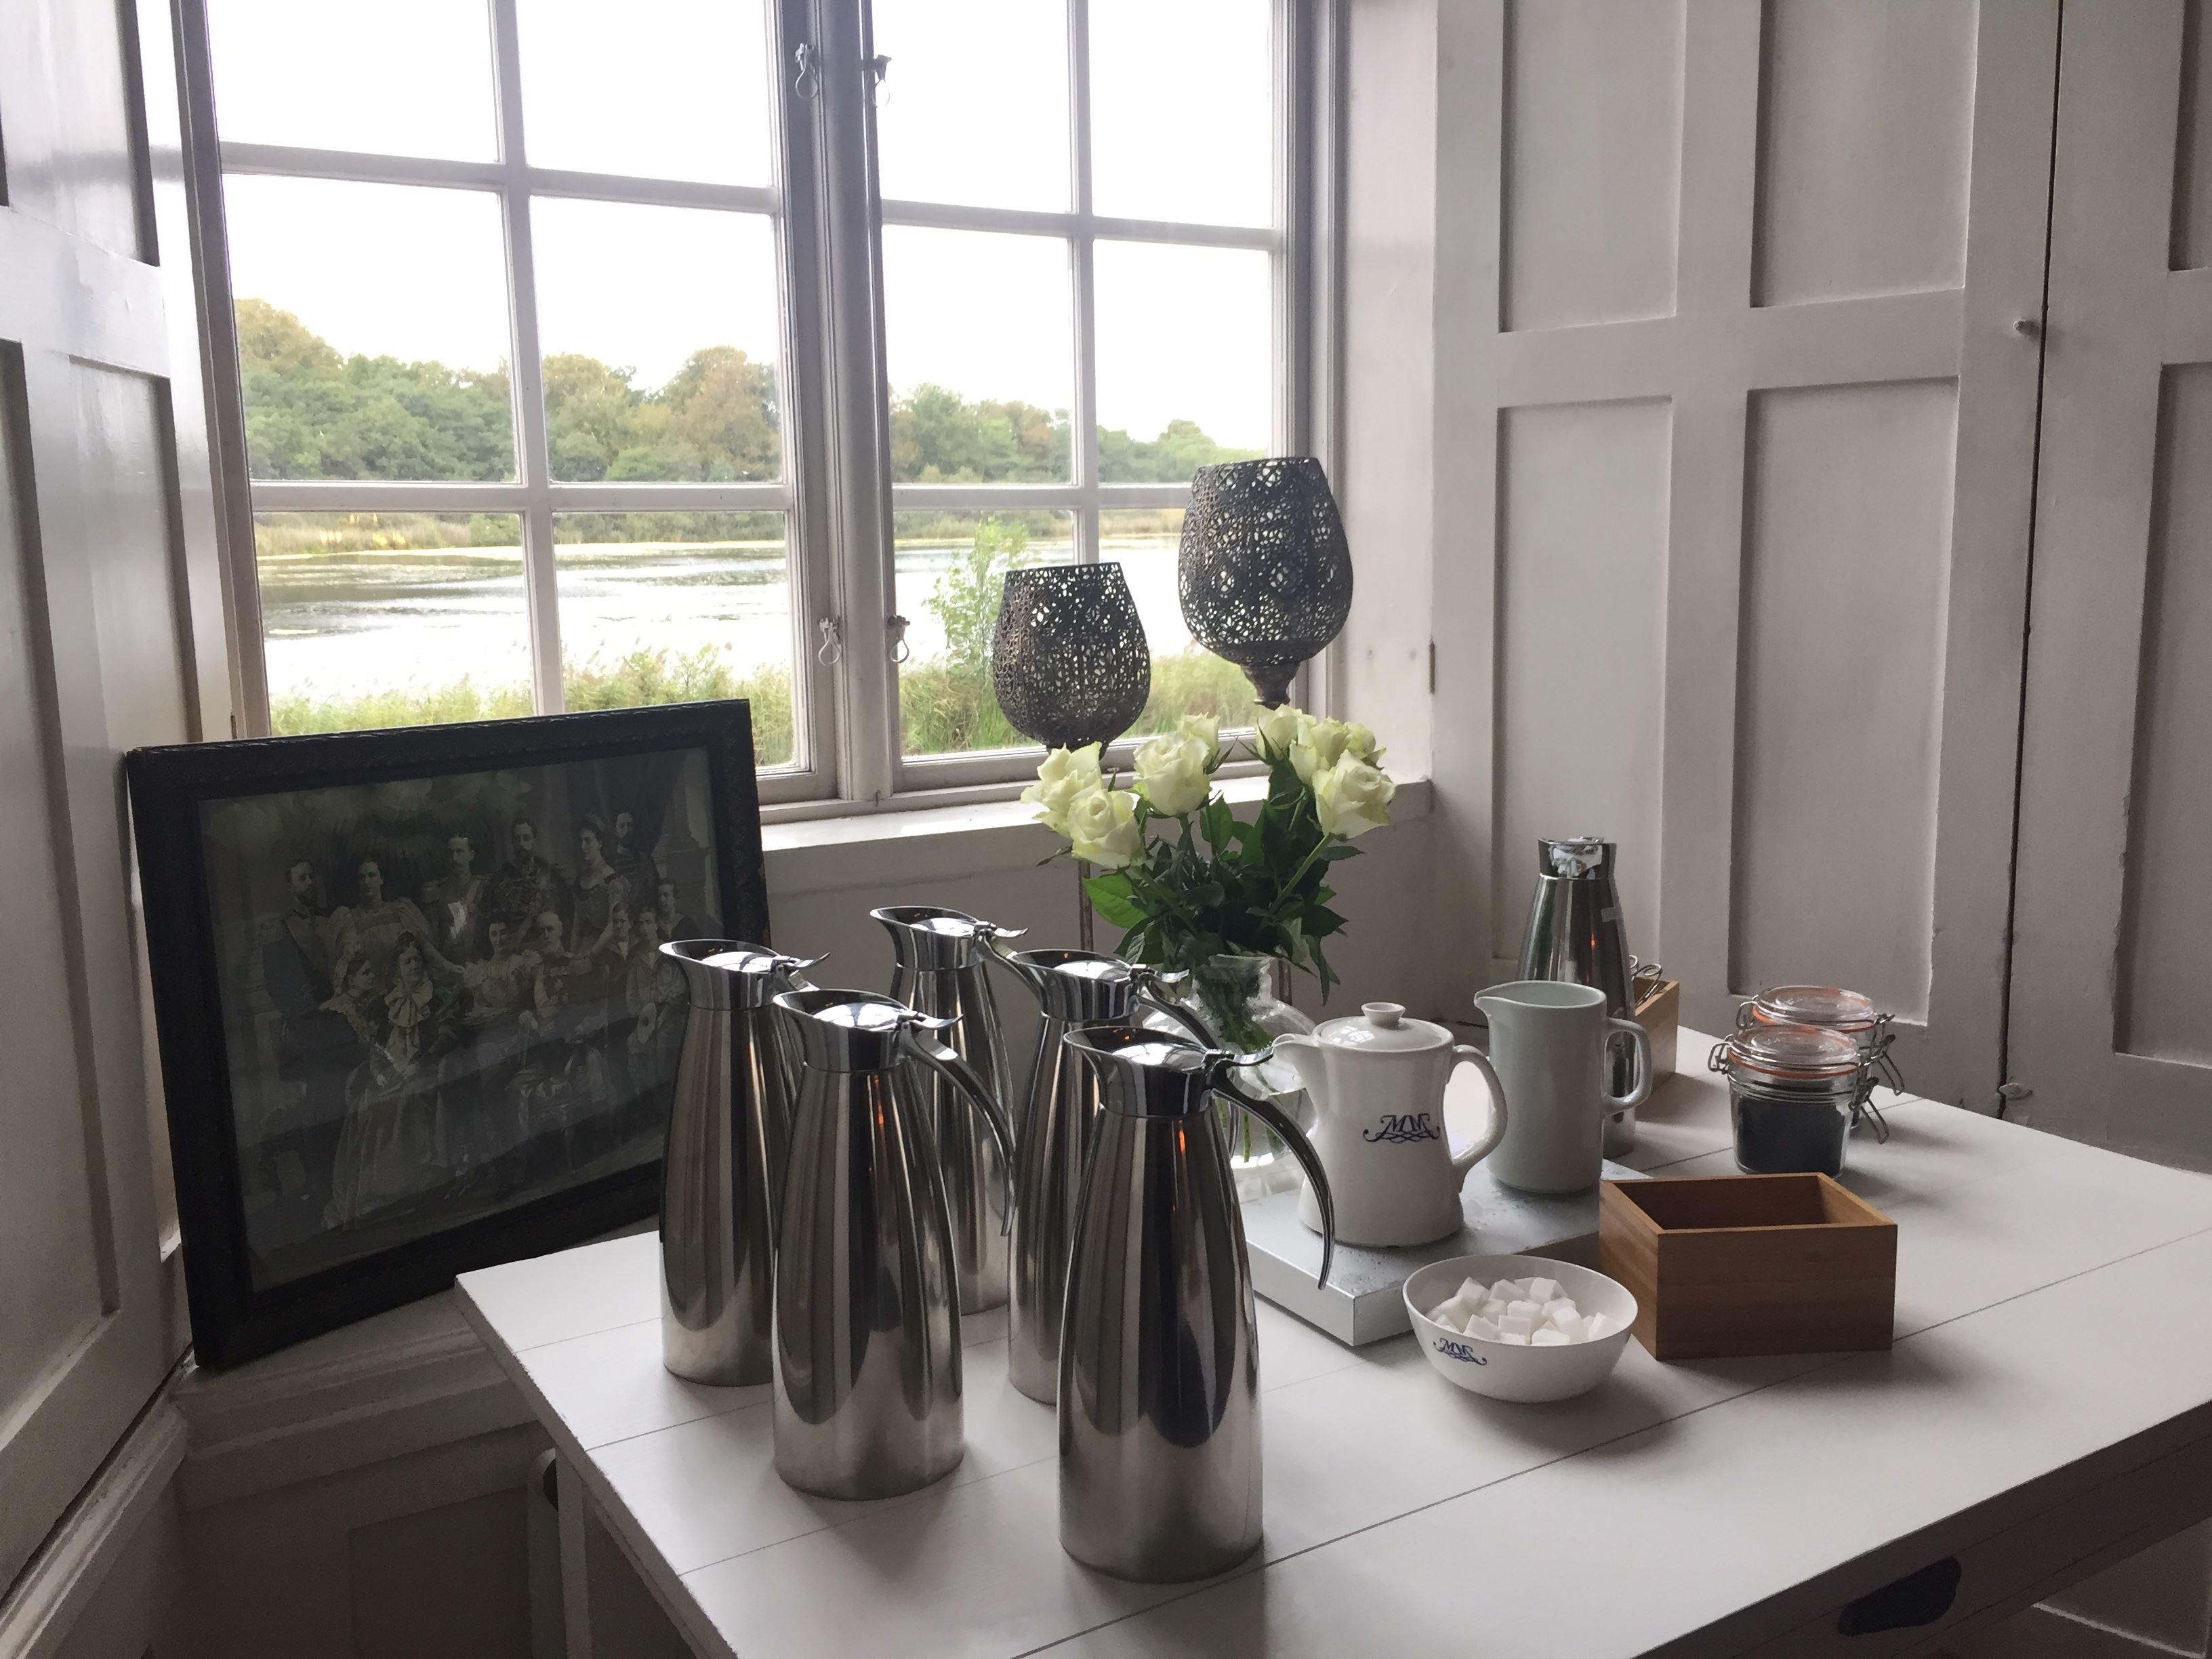 Henriette Ellberg, Kaffebord med utsikt